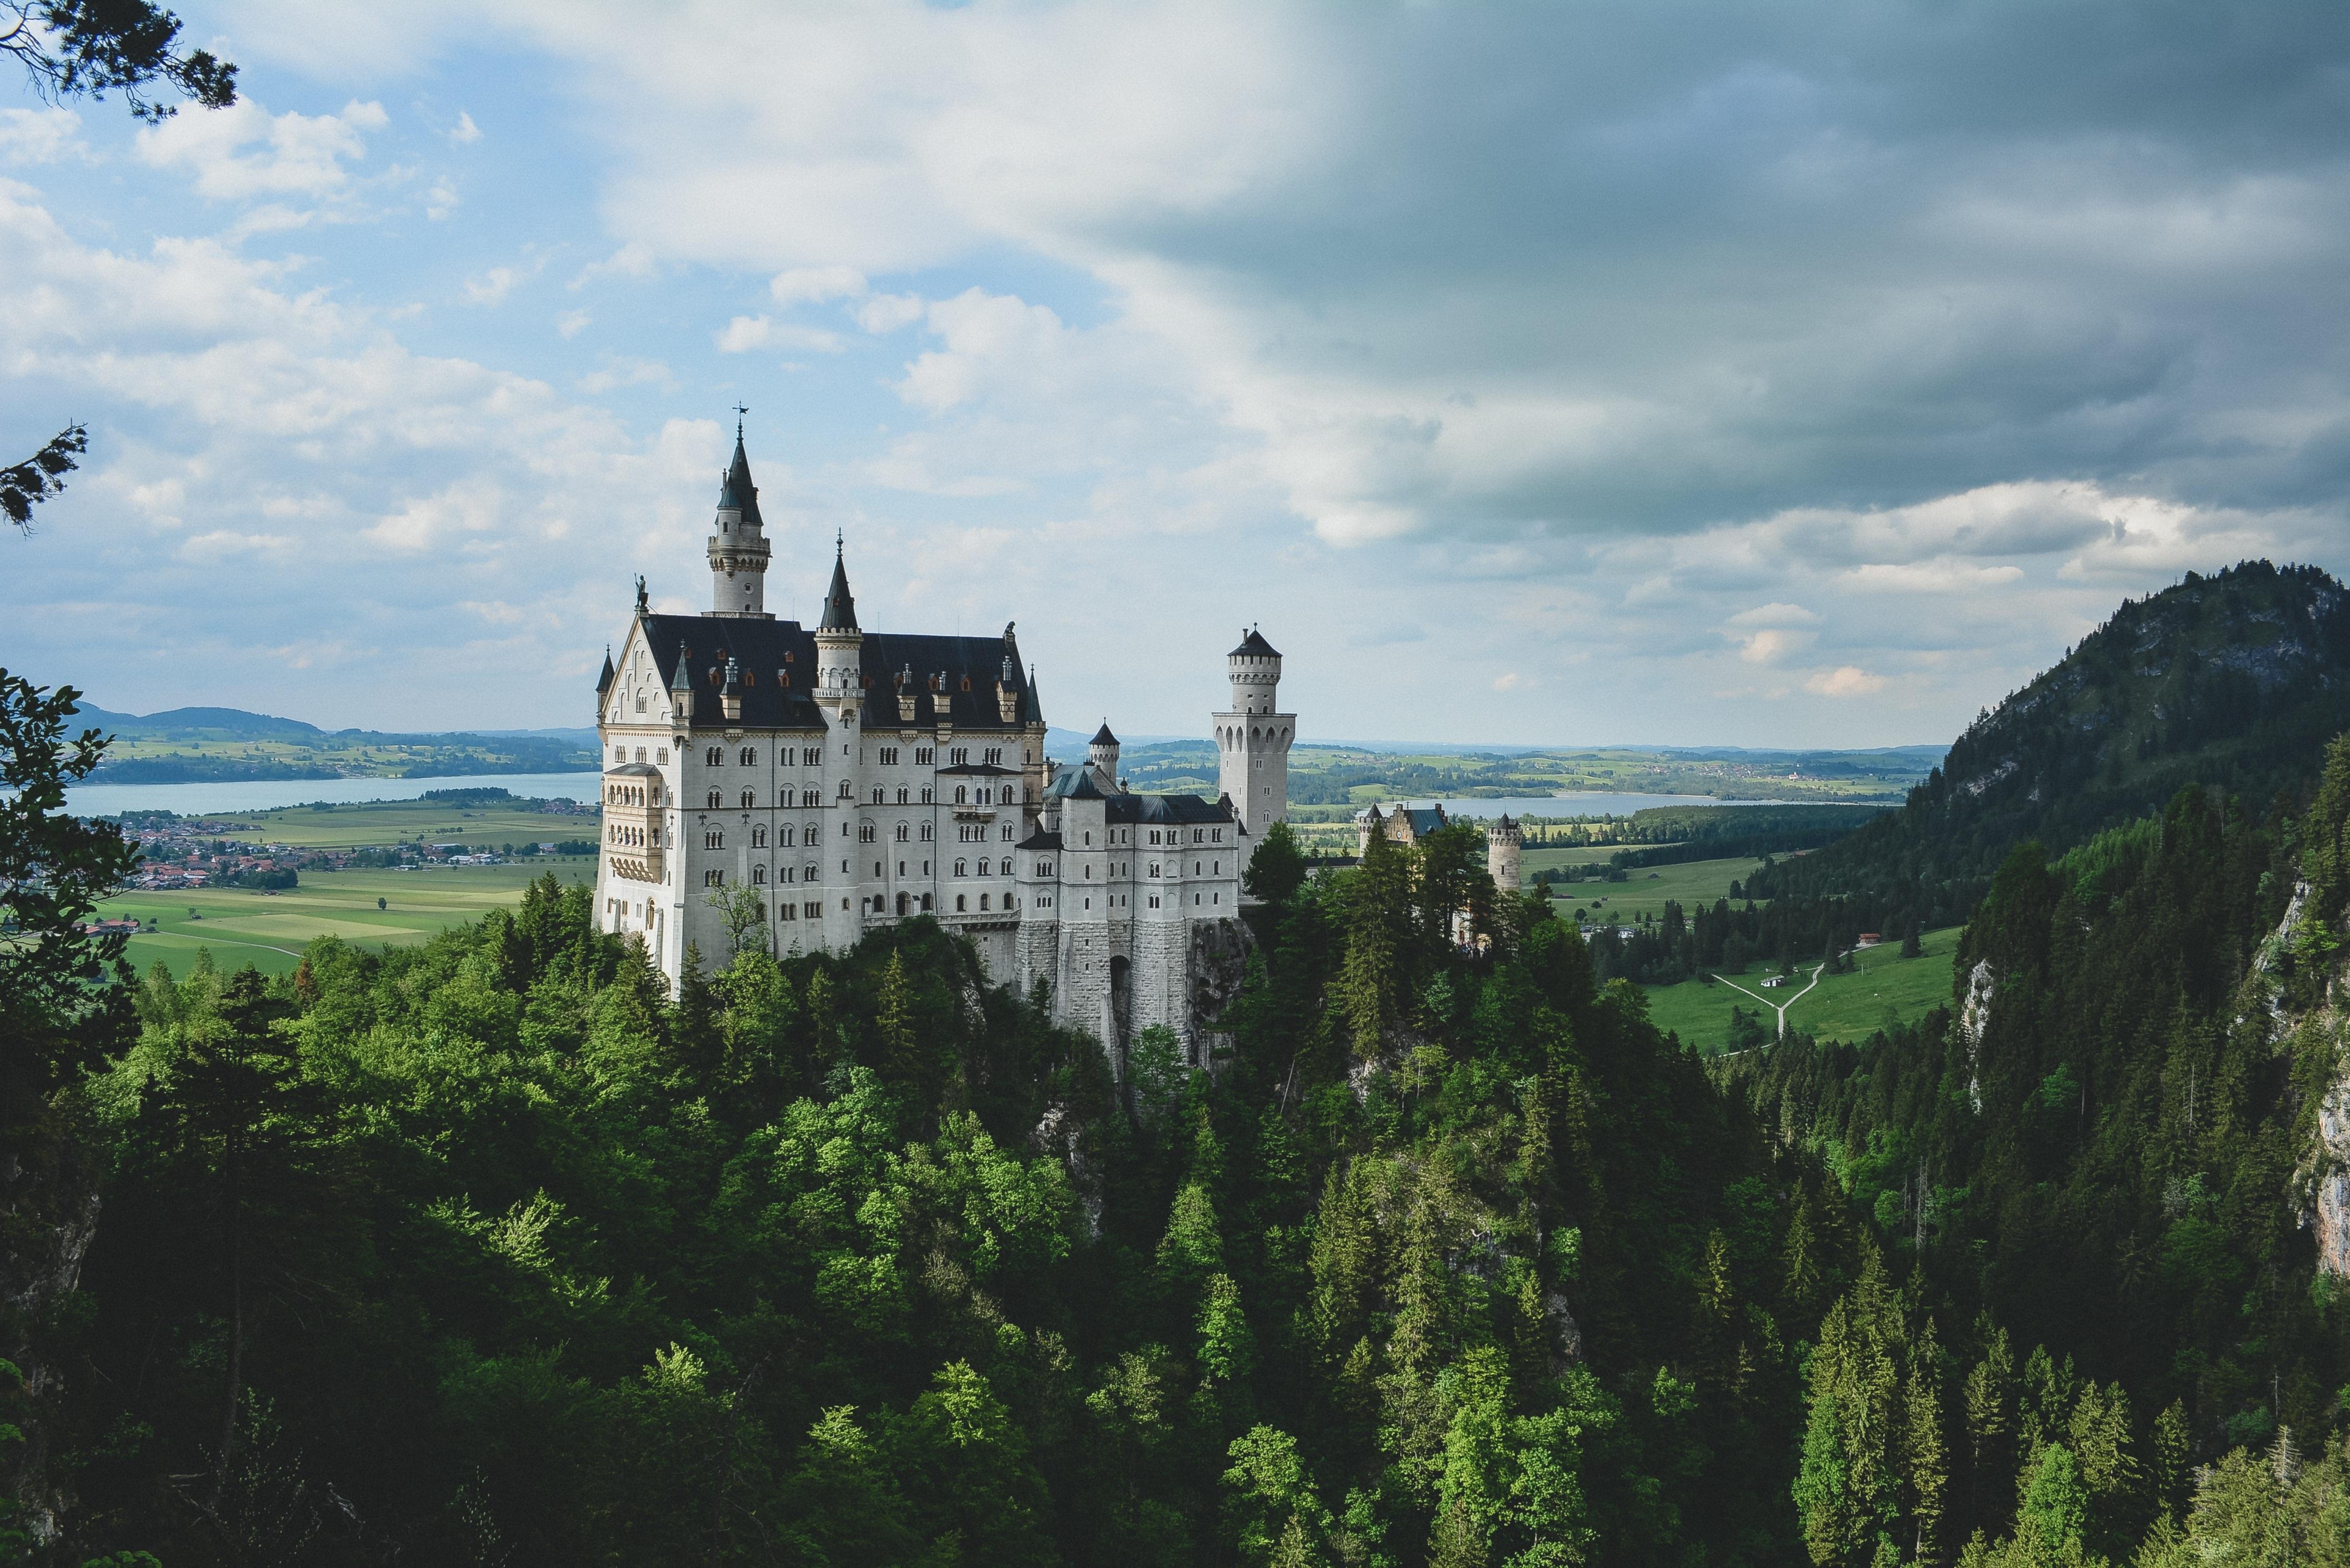 Топ-5 многодневных экскурсий с выездом из Праги Швейк-тур